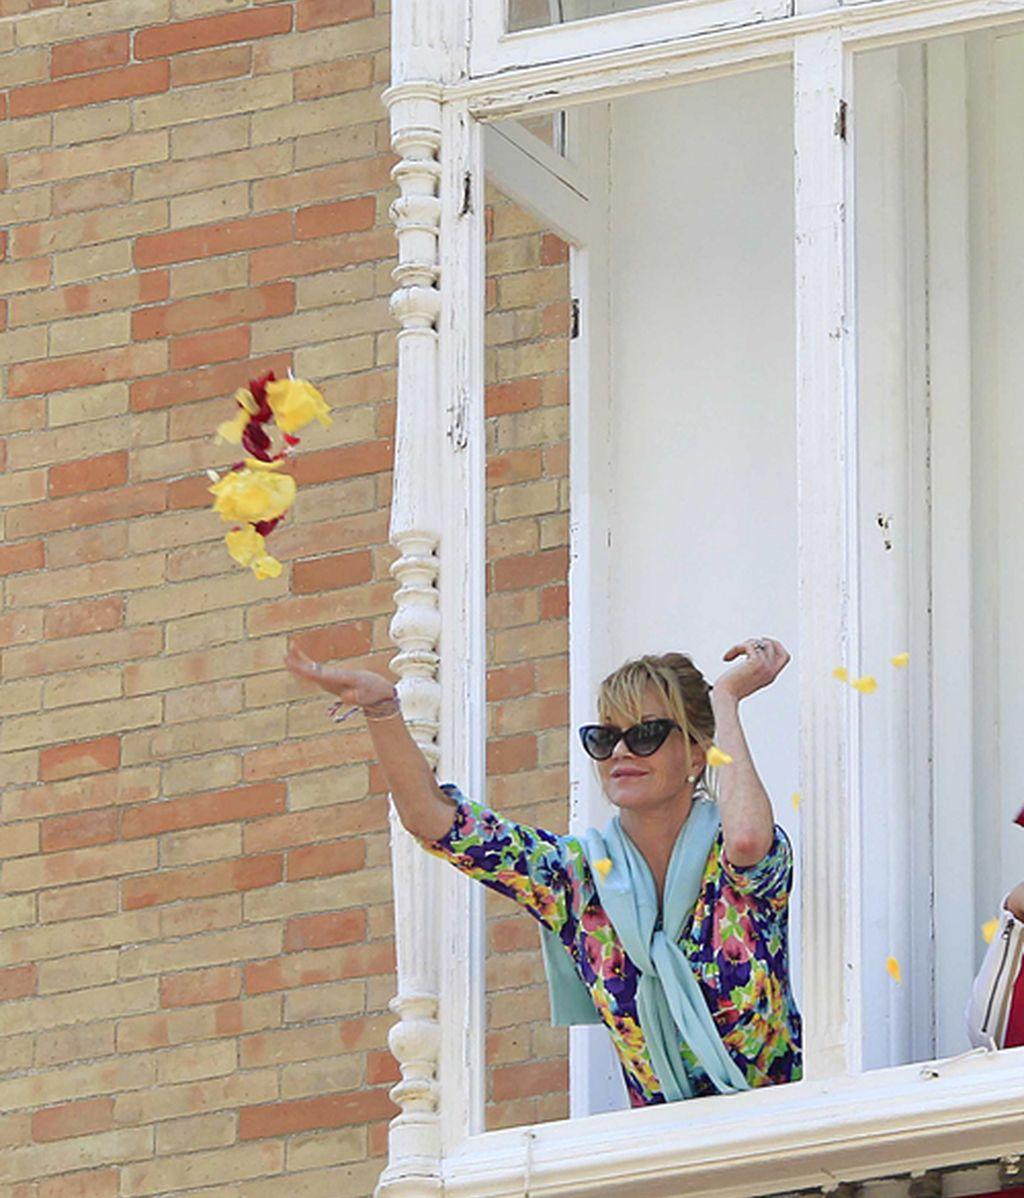 El 'paso a paso' de Melanie Griffith por nuestra Semana Santa